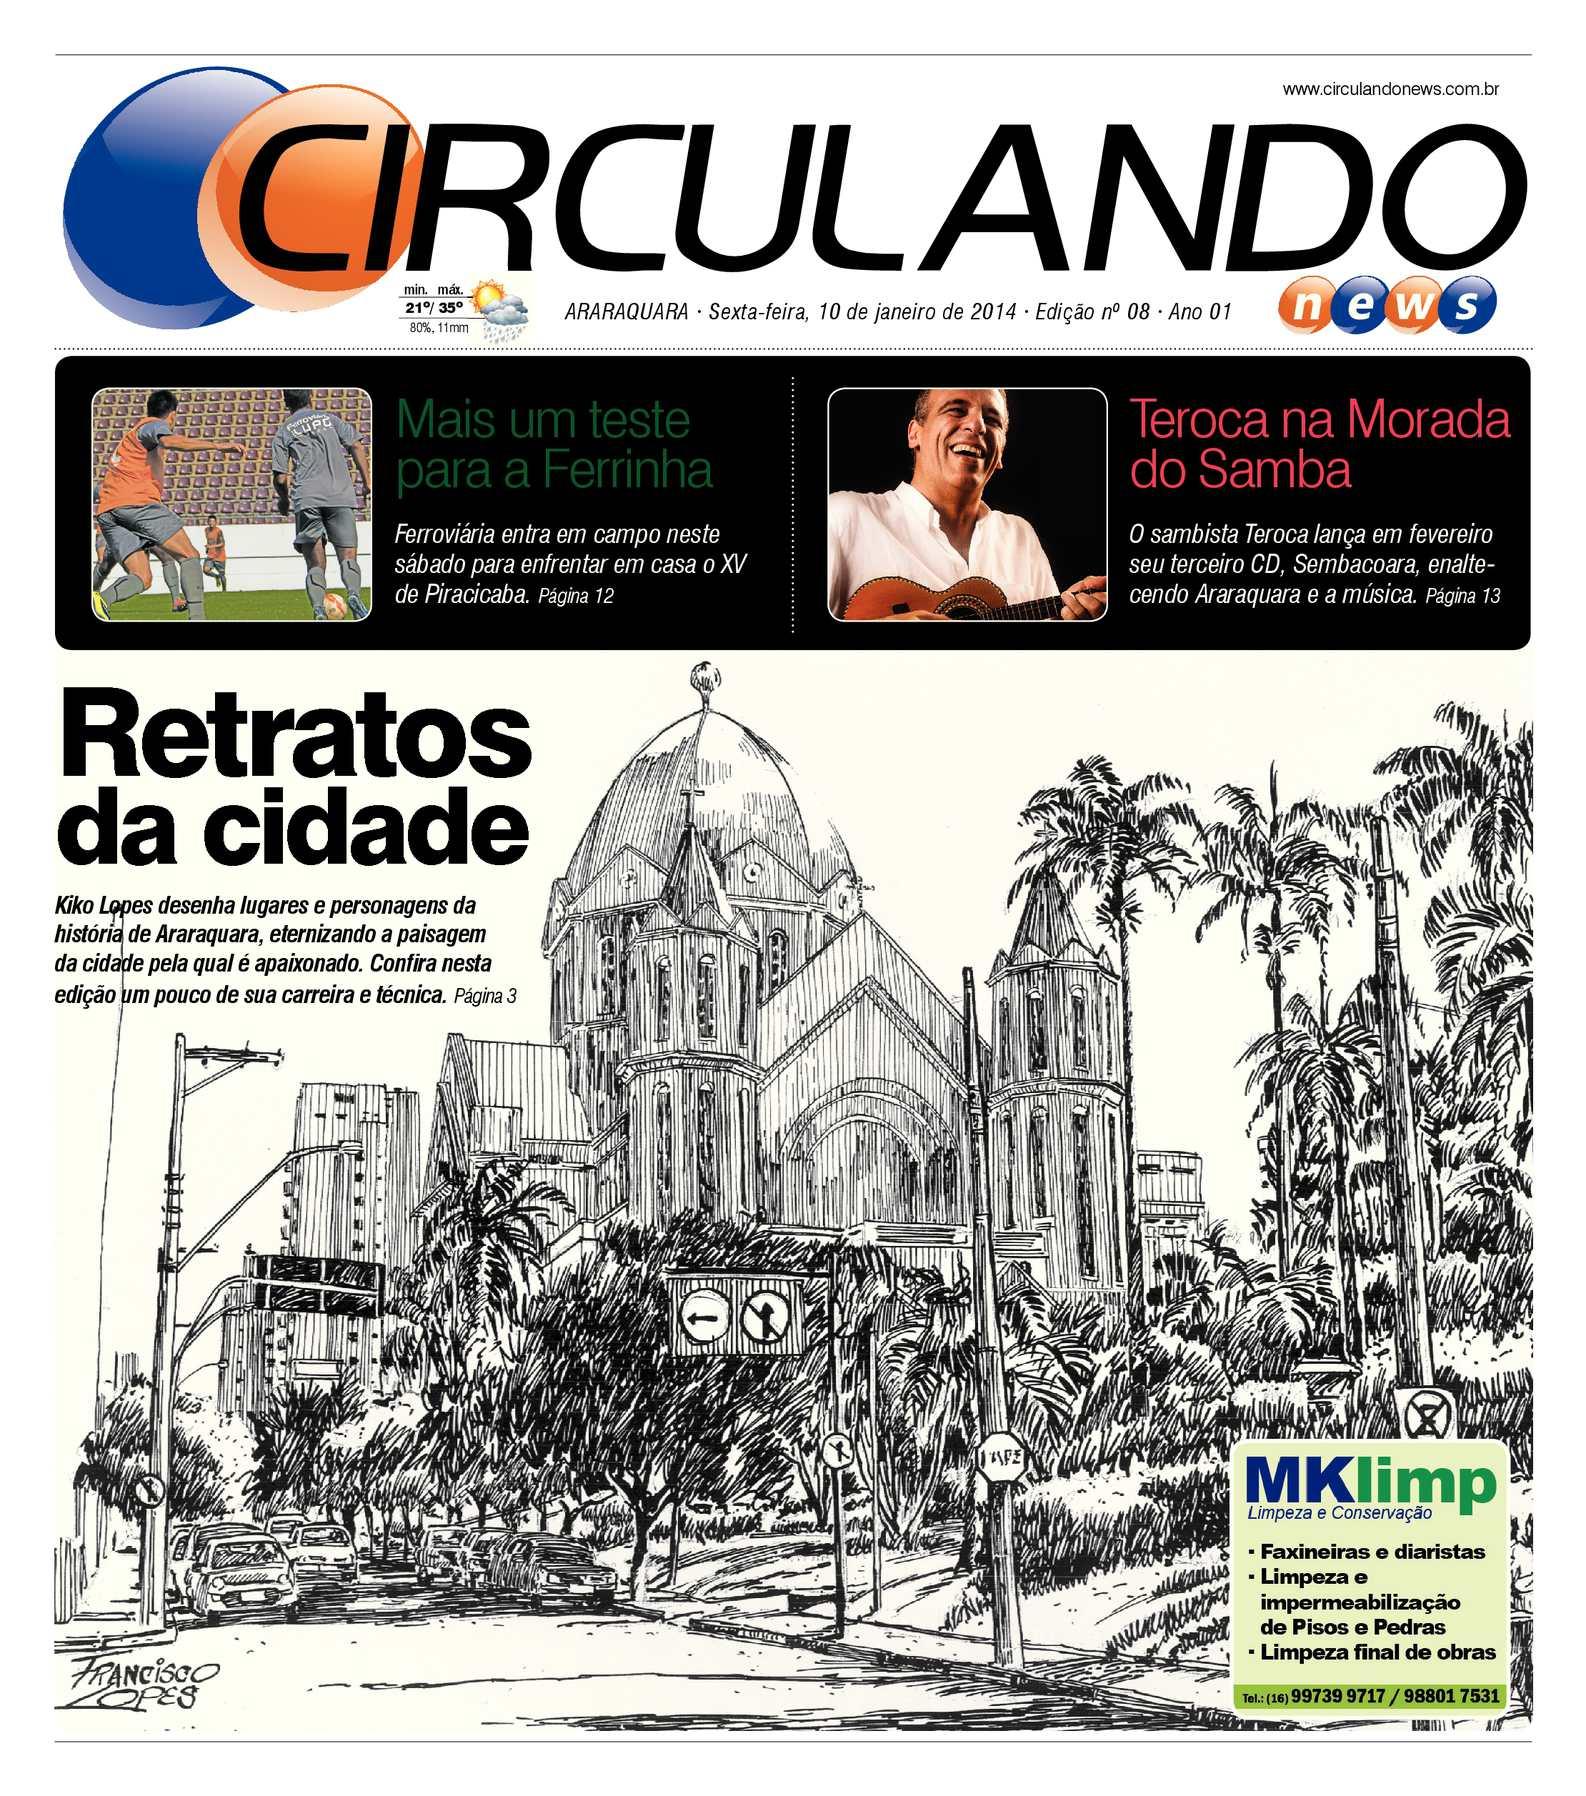 Circulando News 8